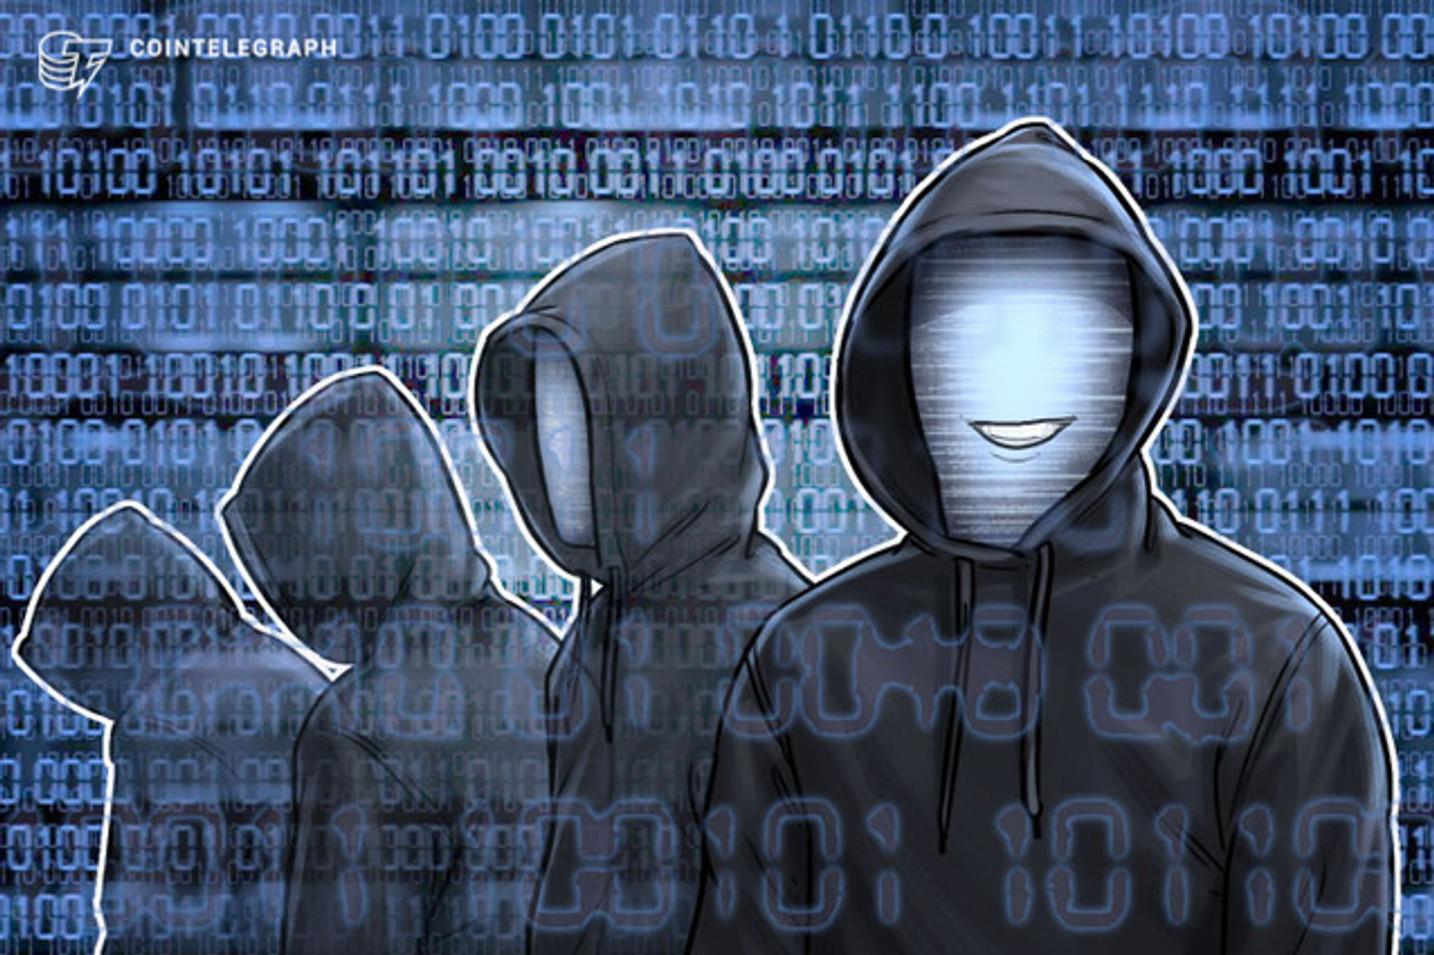 El cibercrimen se ha disparado en América Latina en plena crisis por el COVID-19